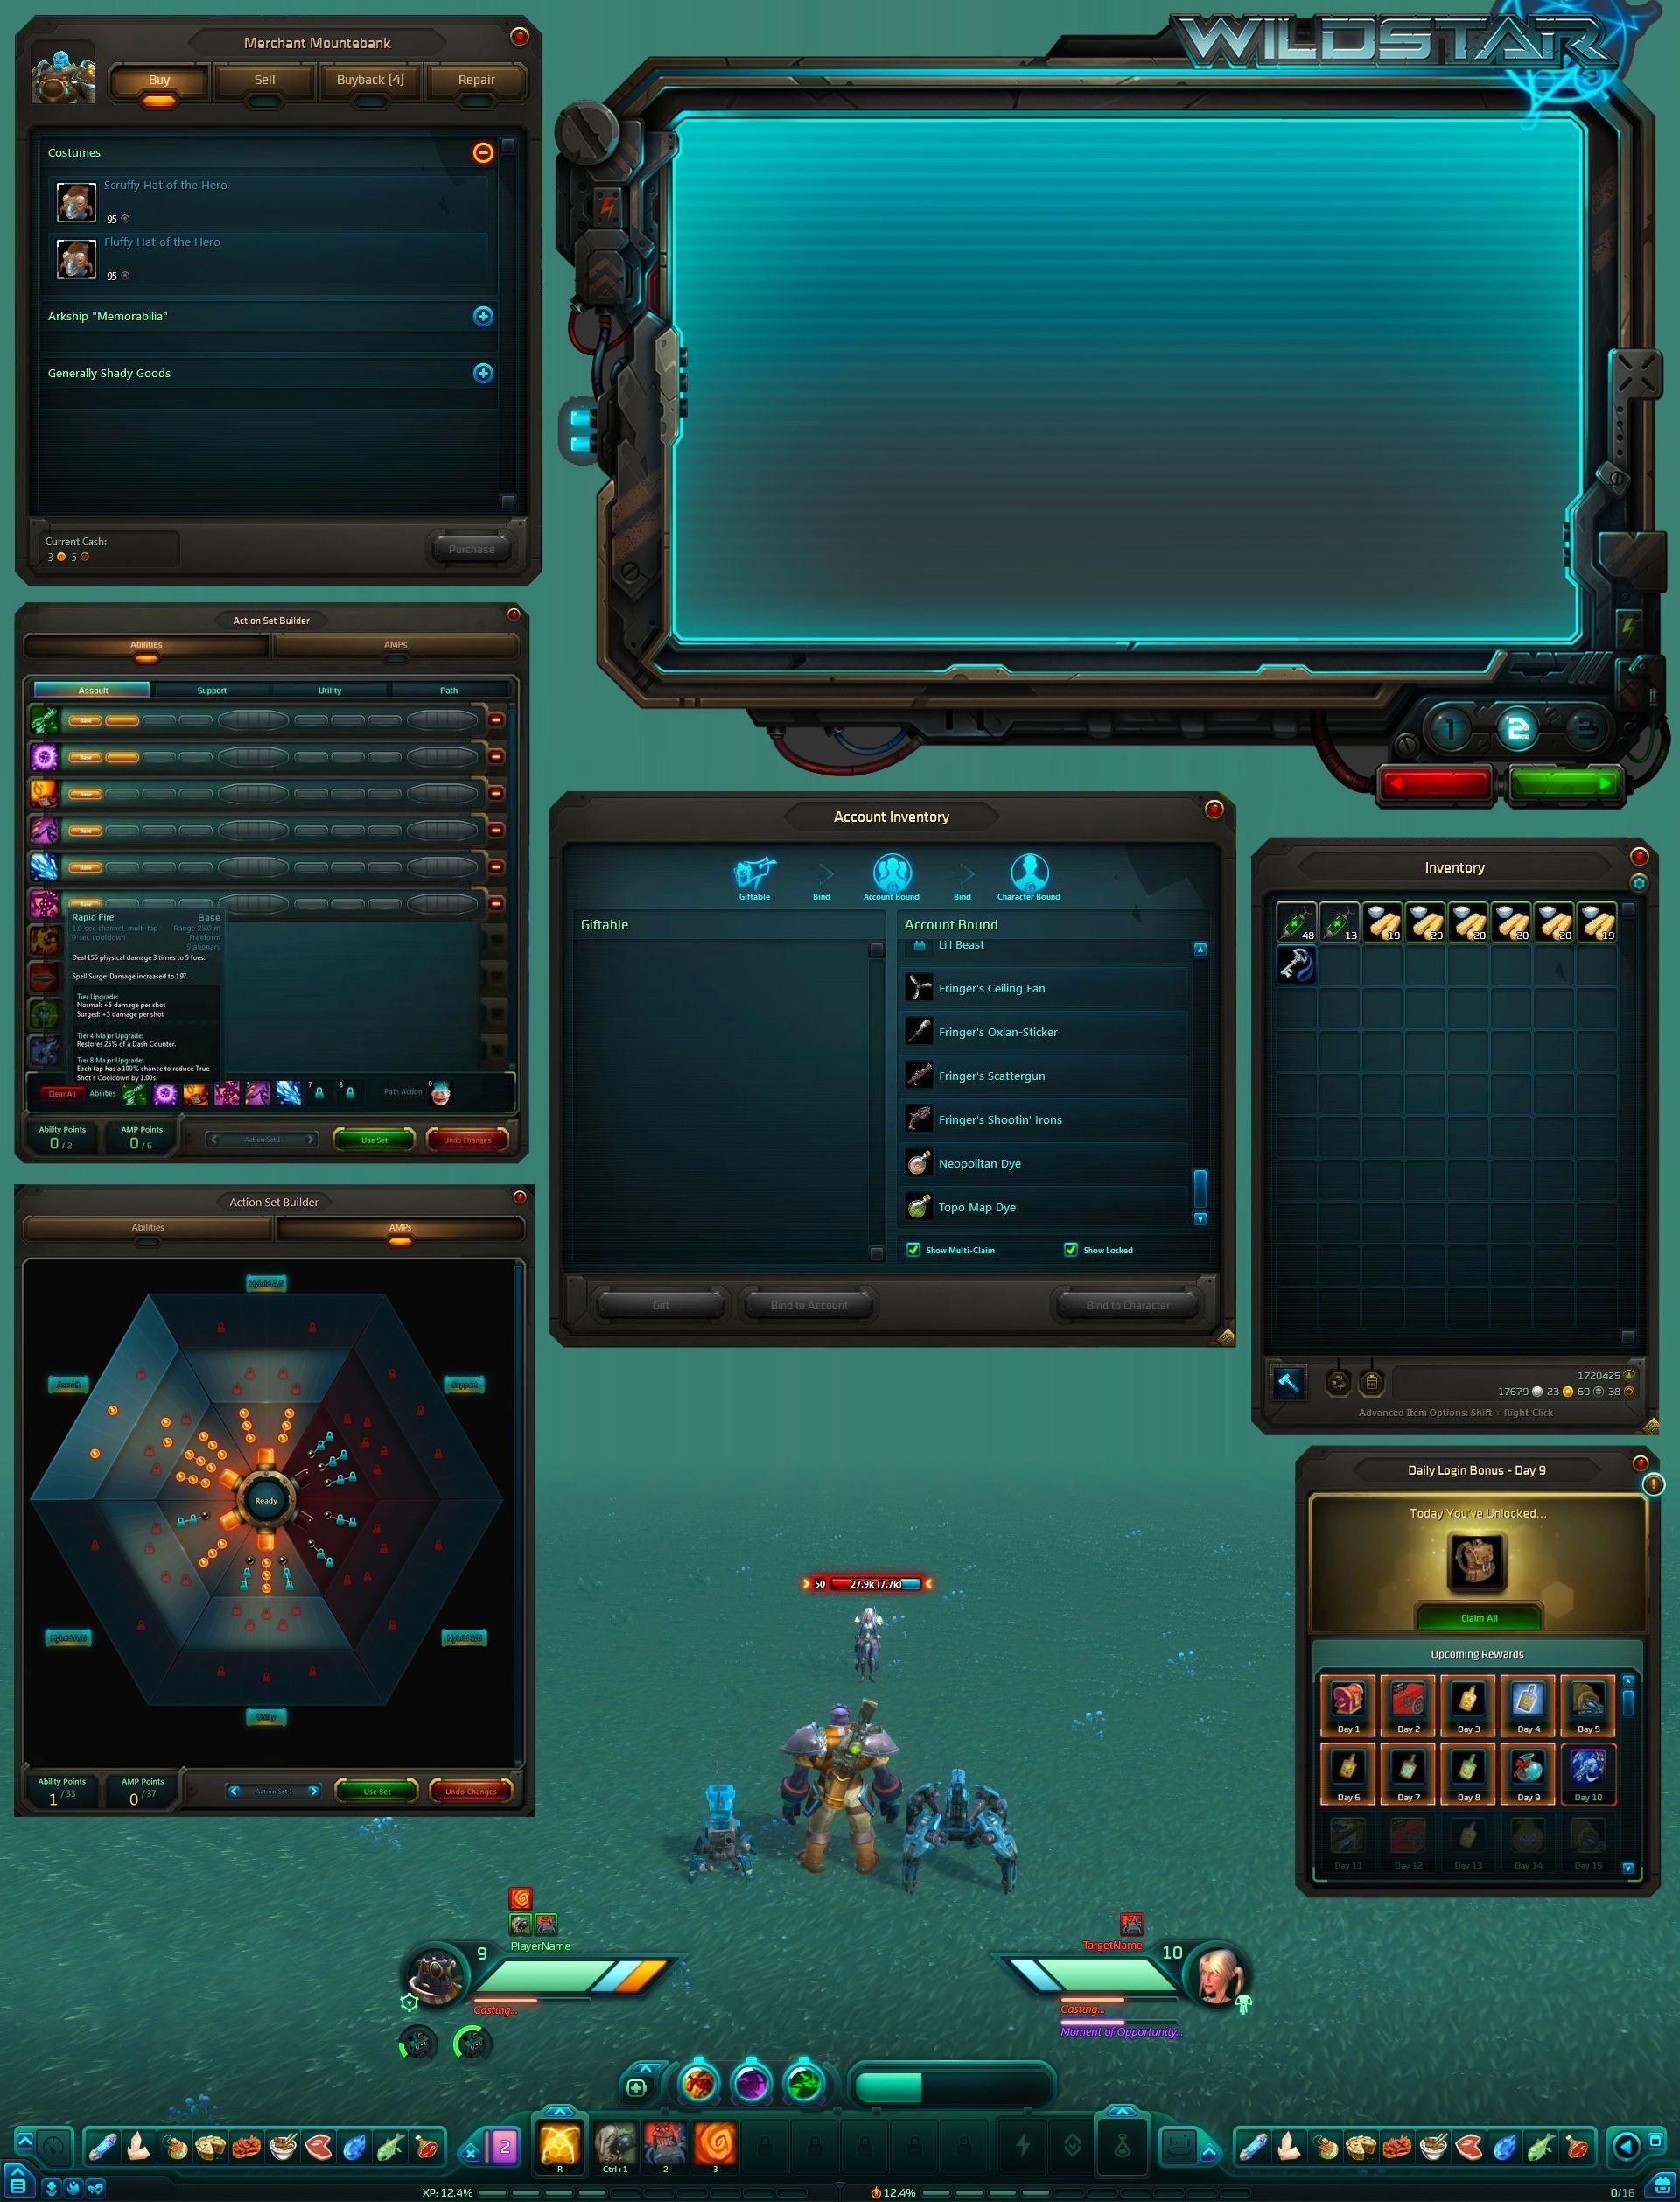 Wildstar UI screen captures